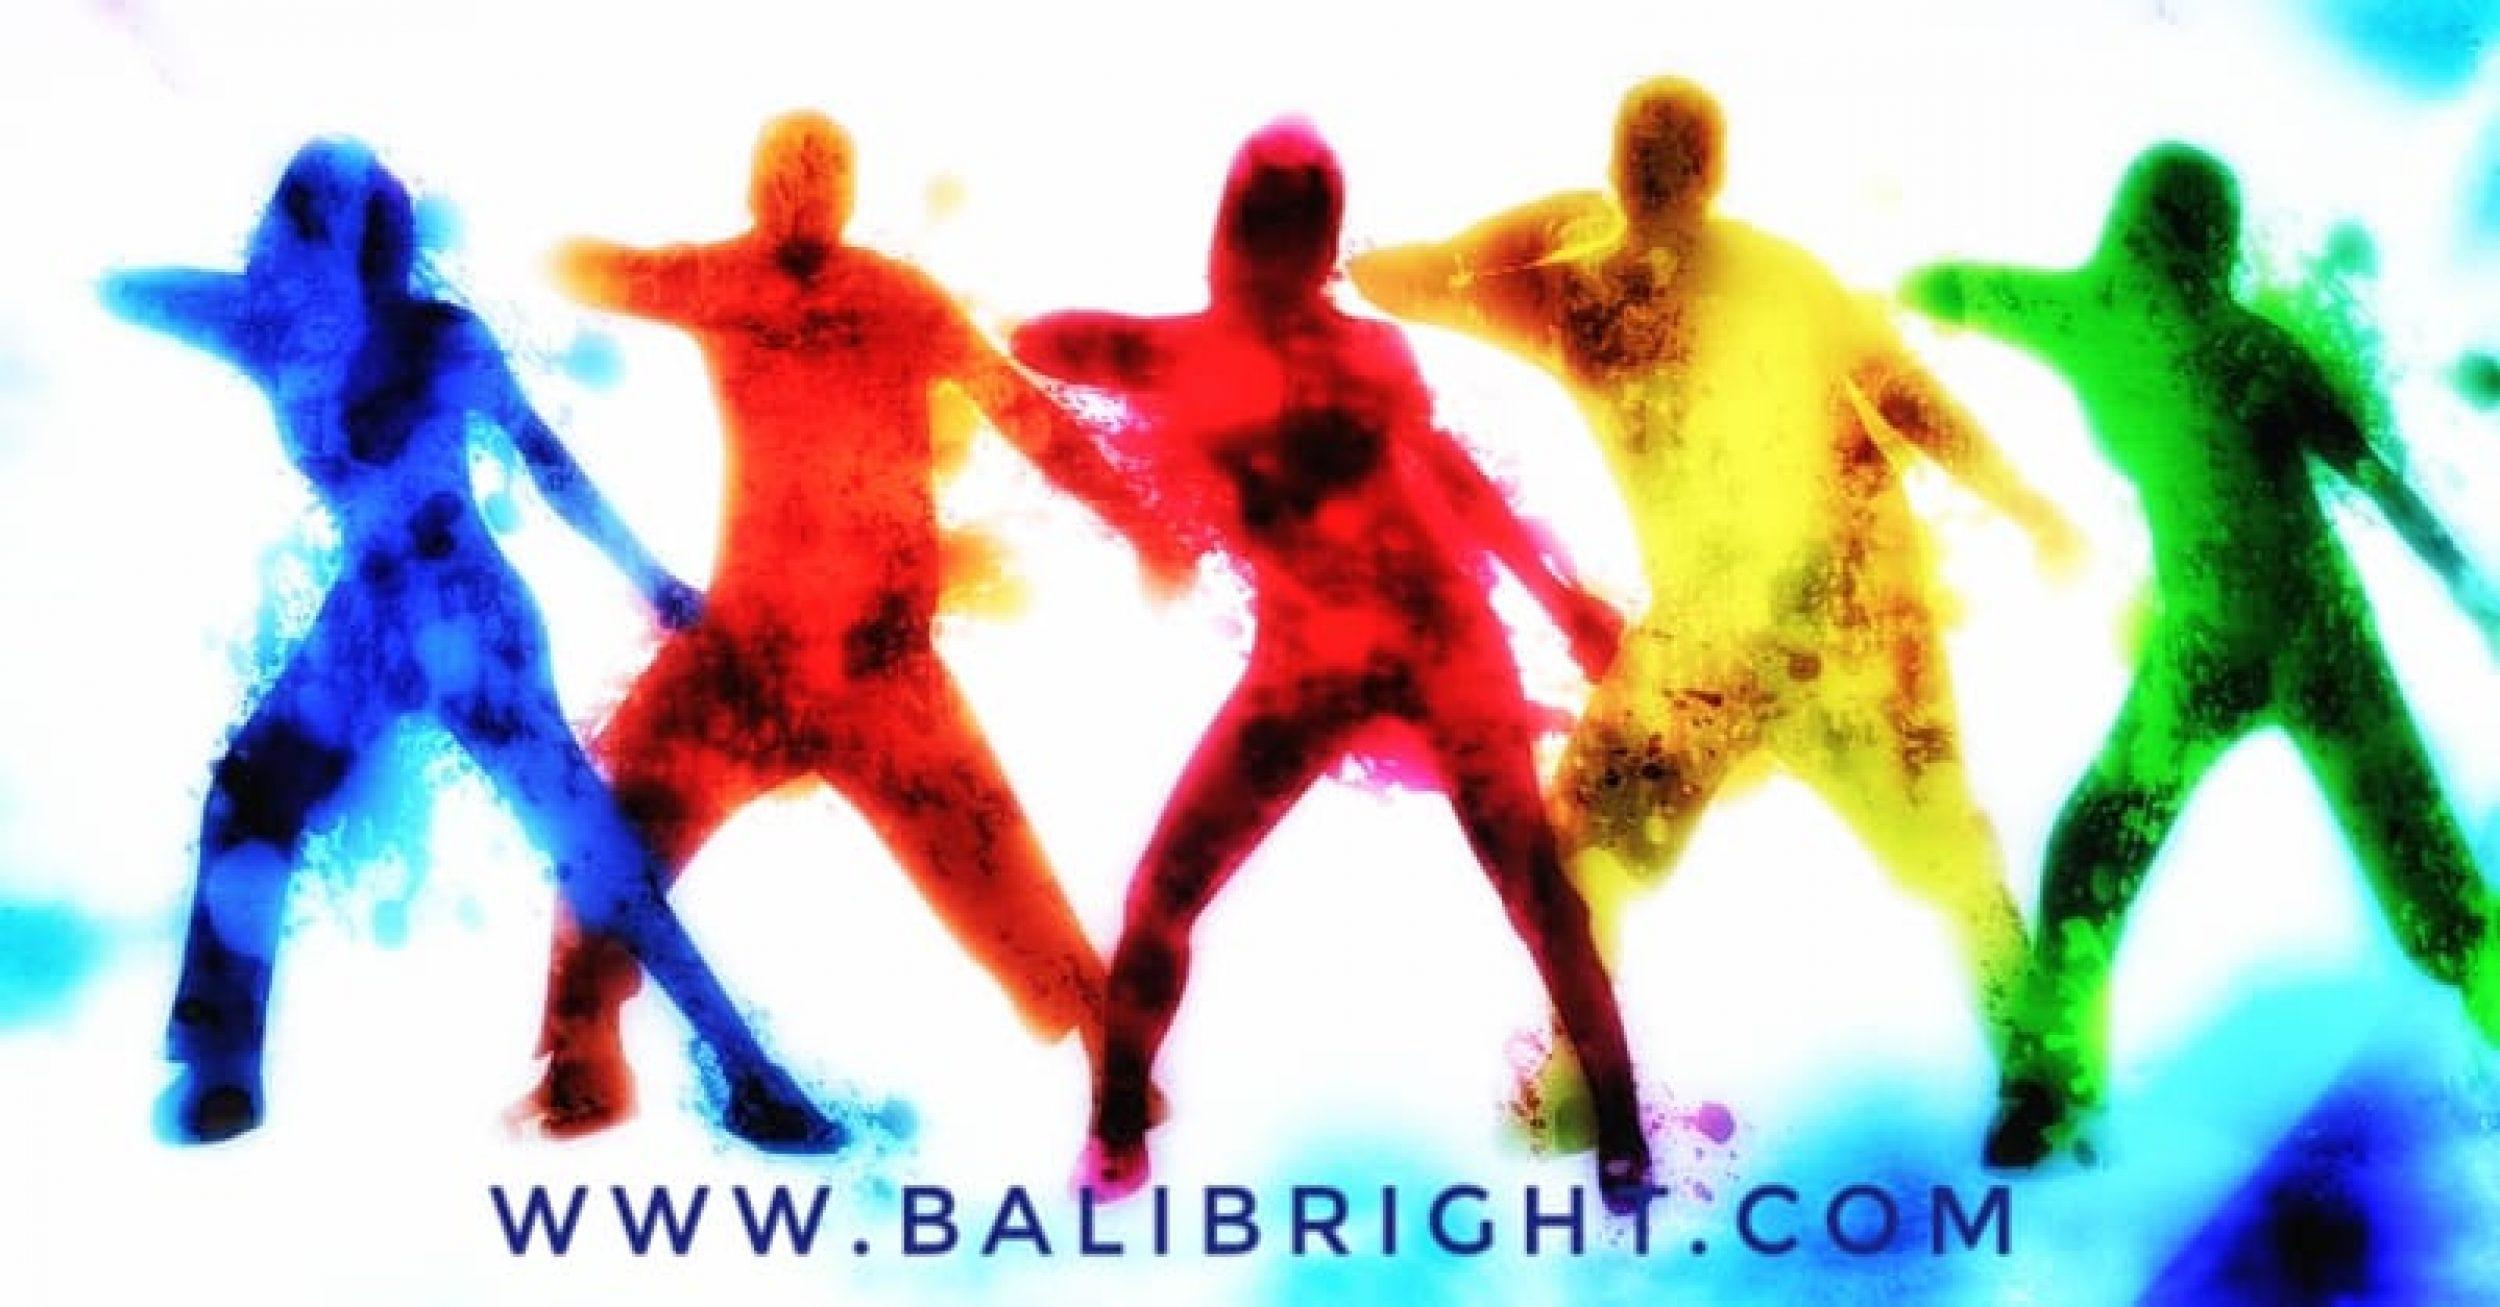 Bali Bright.Com